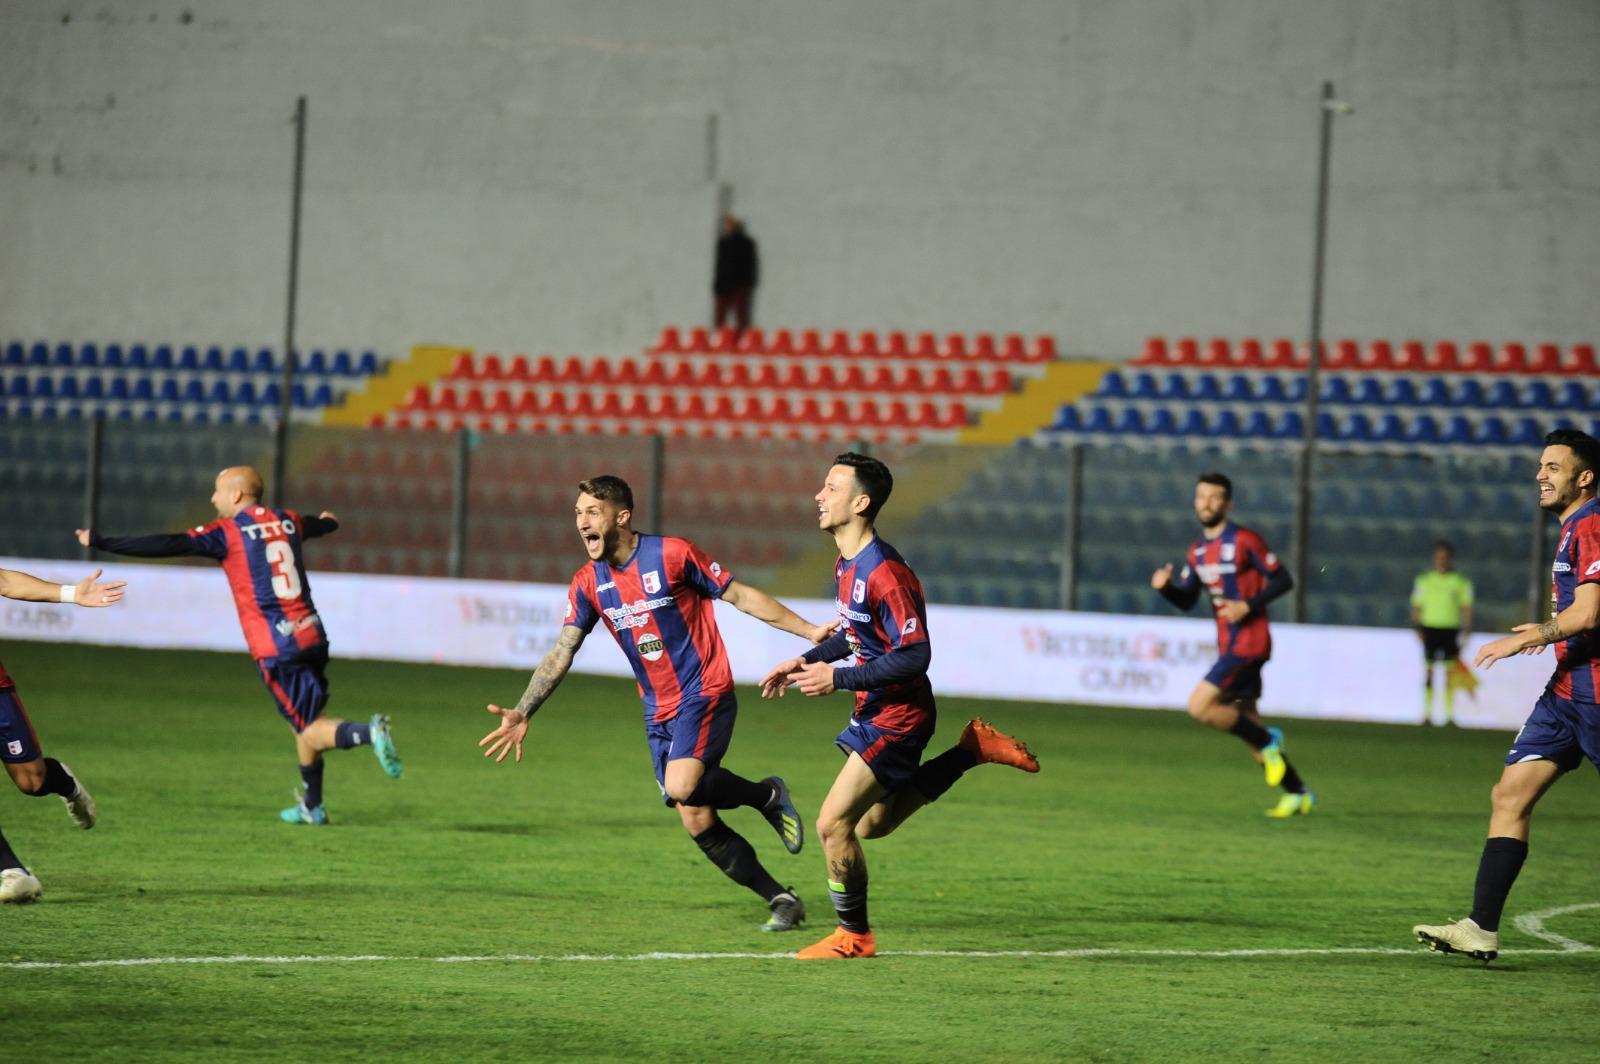 TRA FRANCAVILLA E CATANIA | Parla Alessandro Prezzabile immagine 14492 US Vibonese Calcio